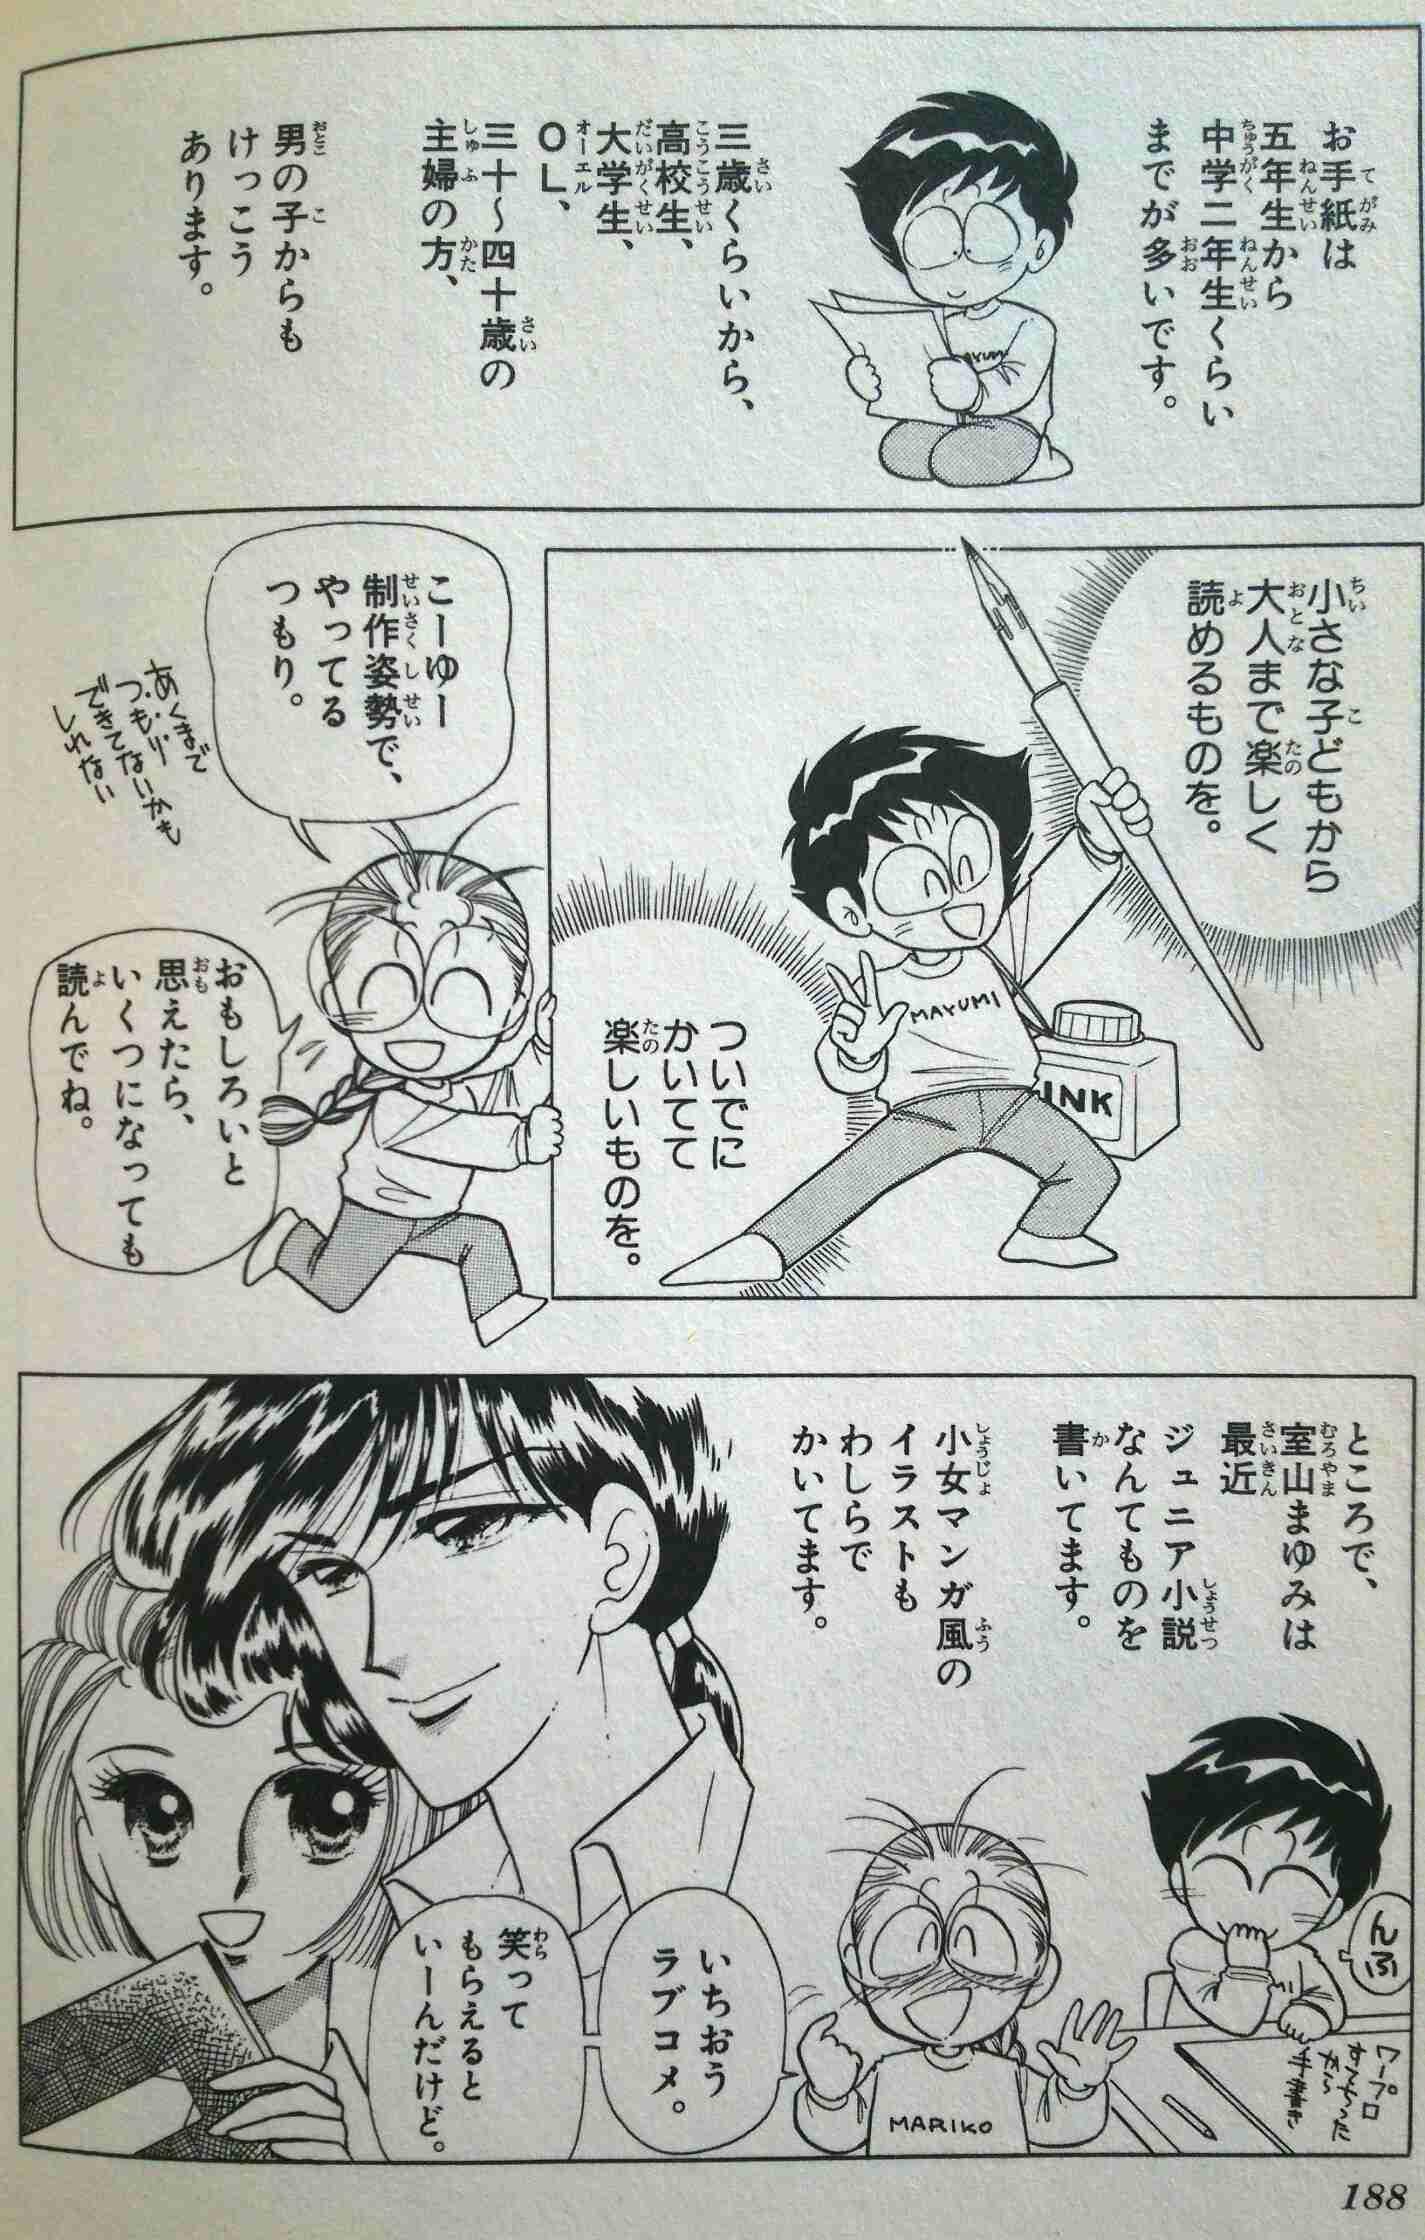 「あさりちゃん」好きな人カモン!